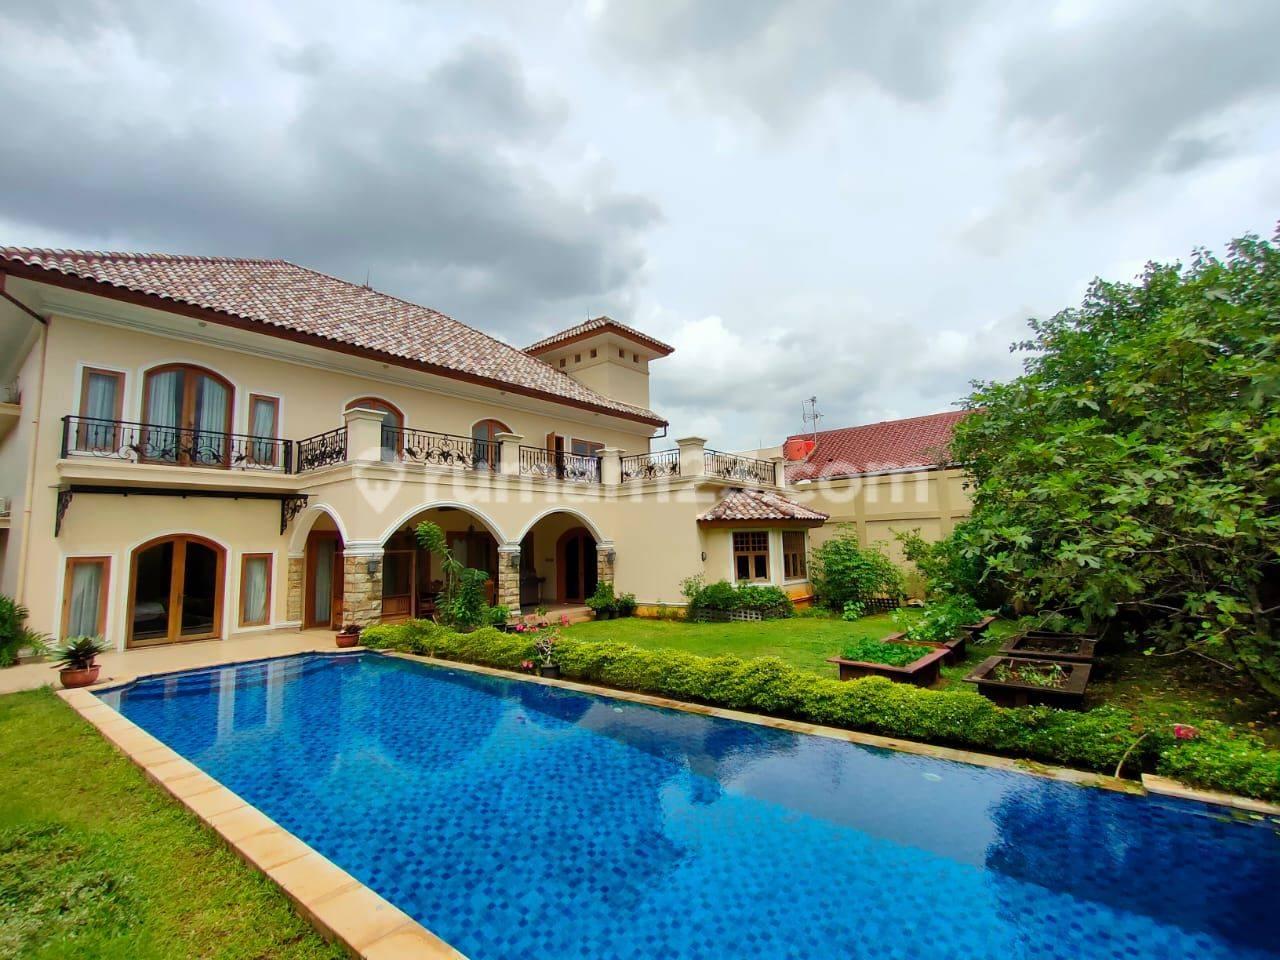 Rumah mewah di ragunan 1